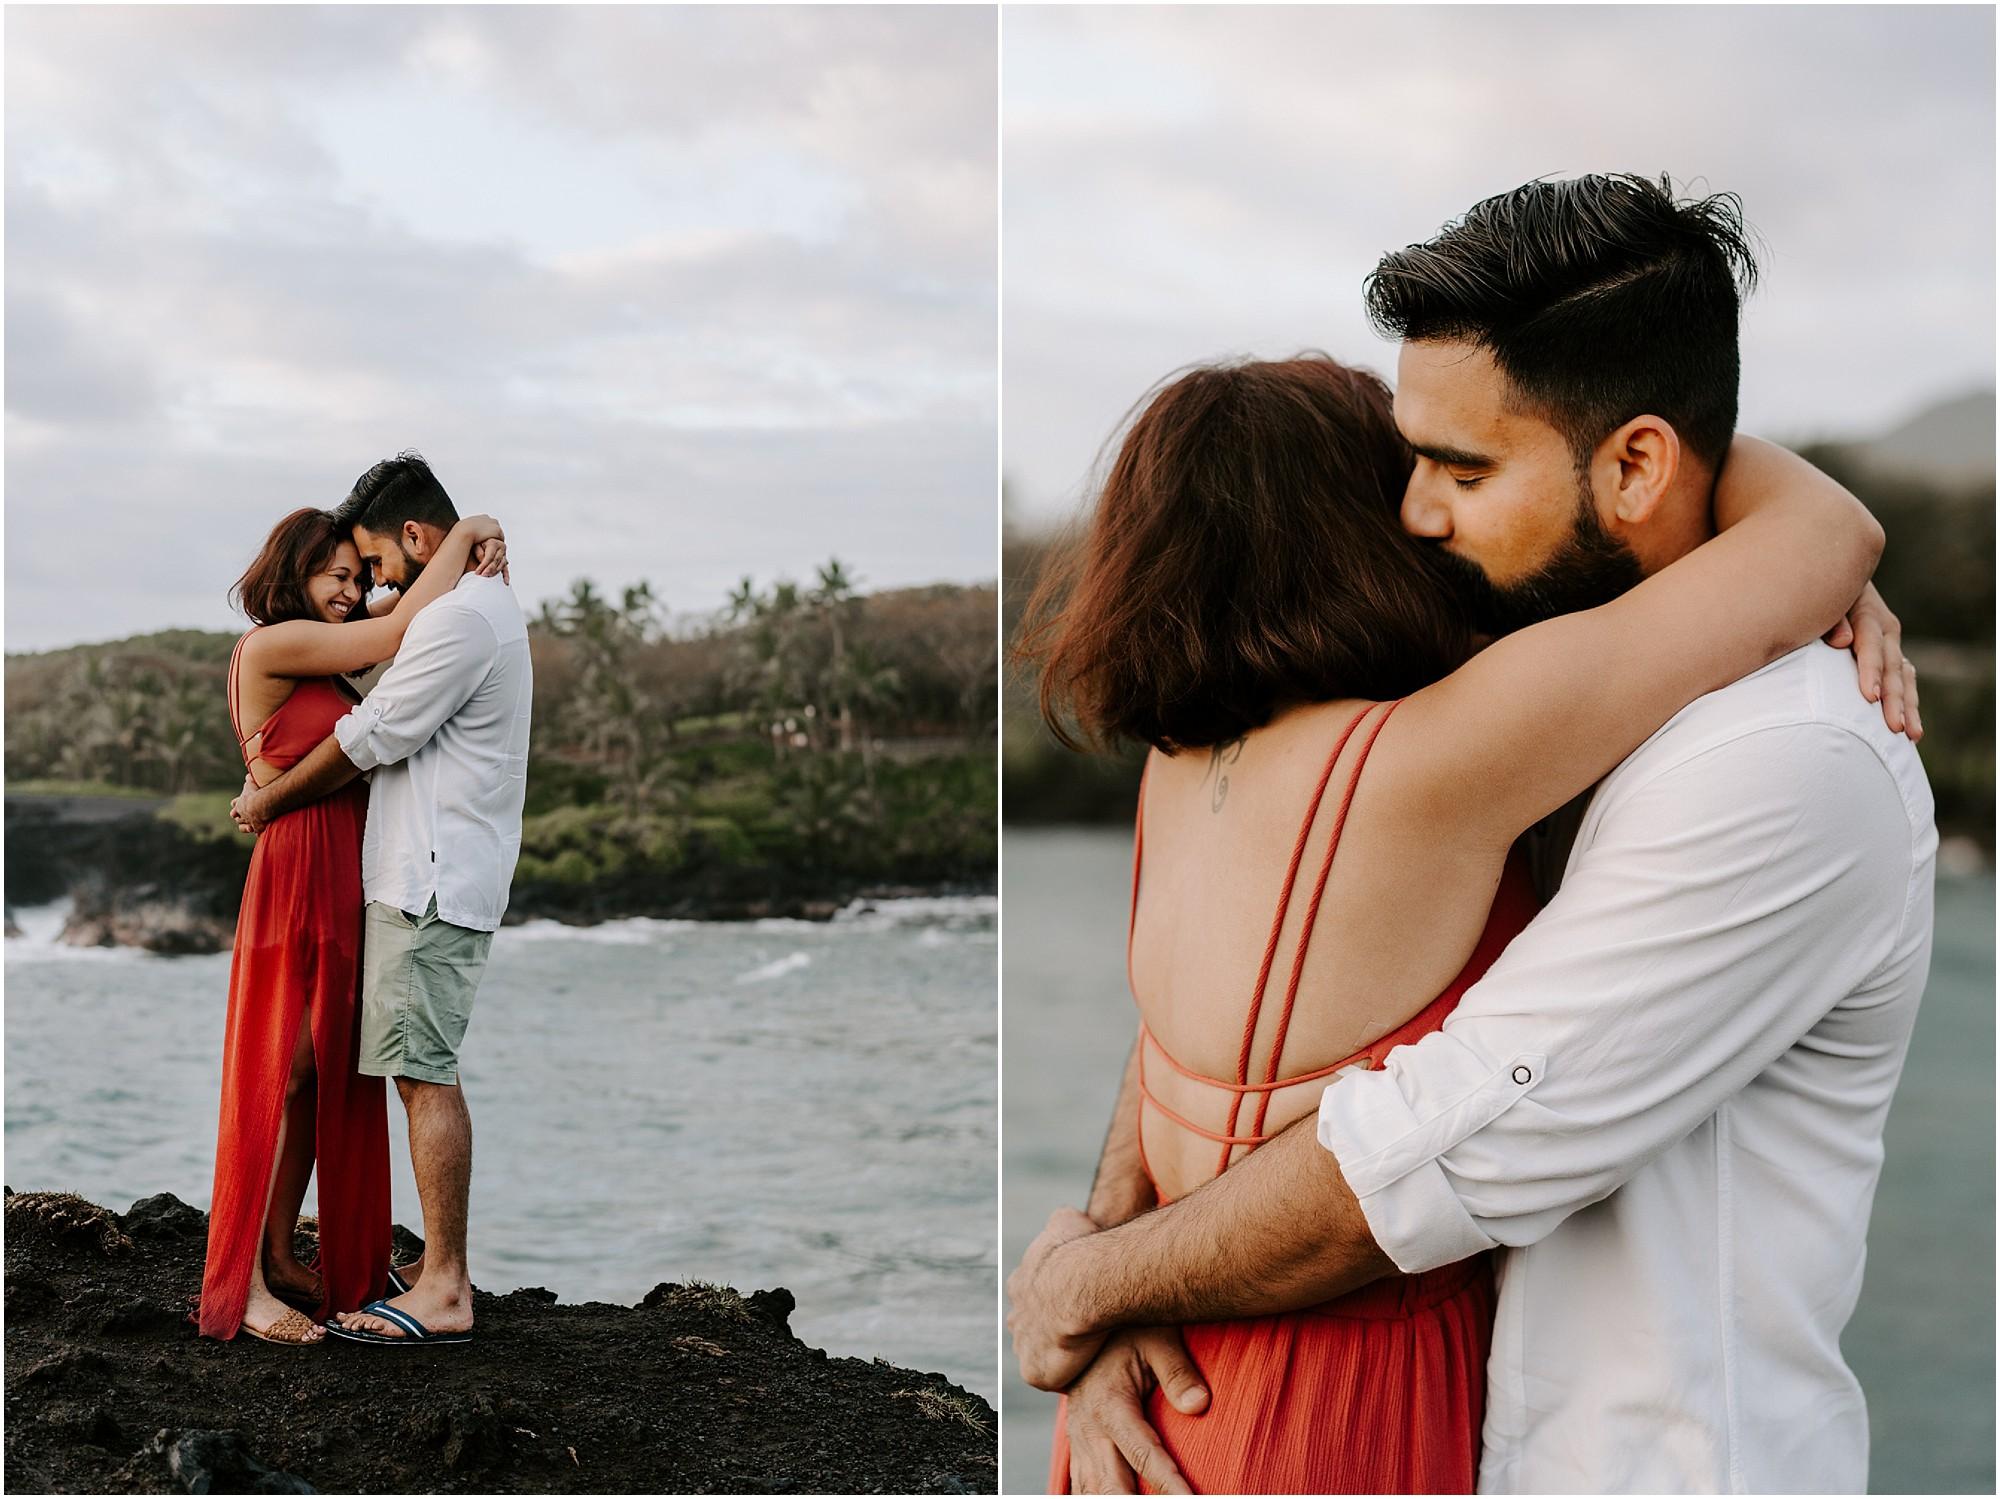 black-sand-beach-maui-hawaii-elopement-photographer_0020.jpg